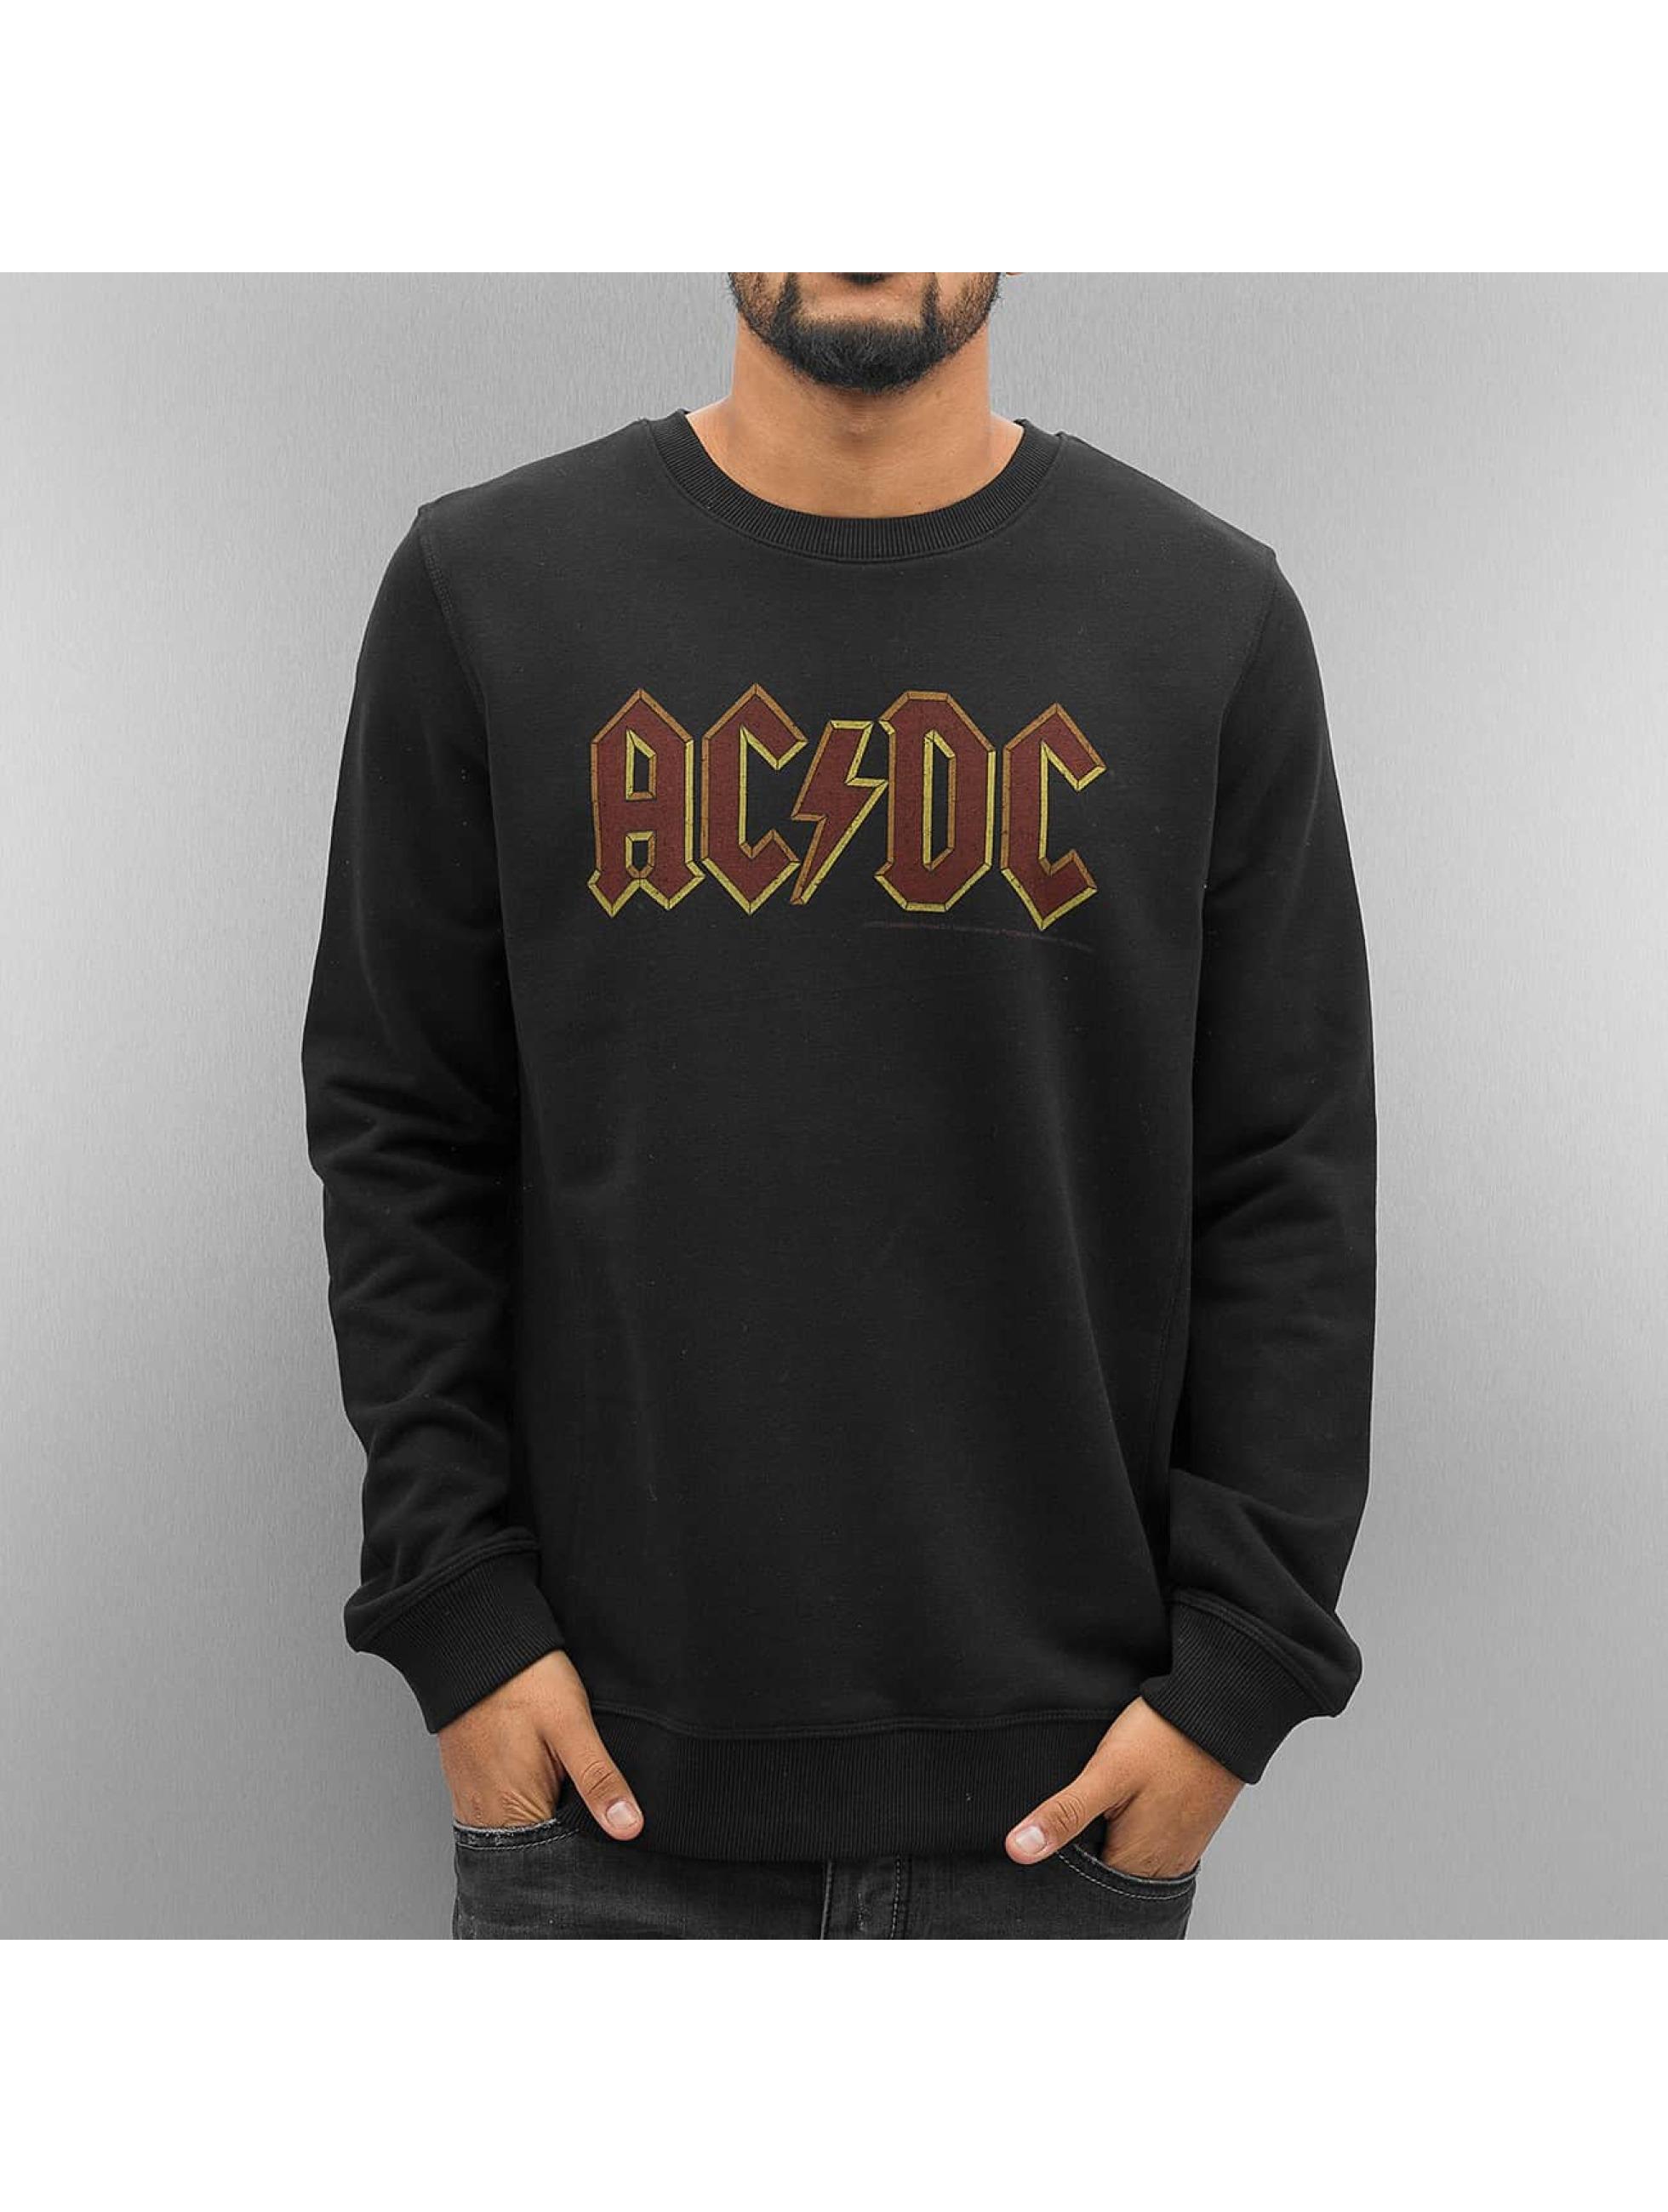 Amplified Männer Pullover AC DC Logo in schwarz